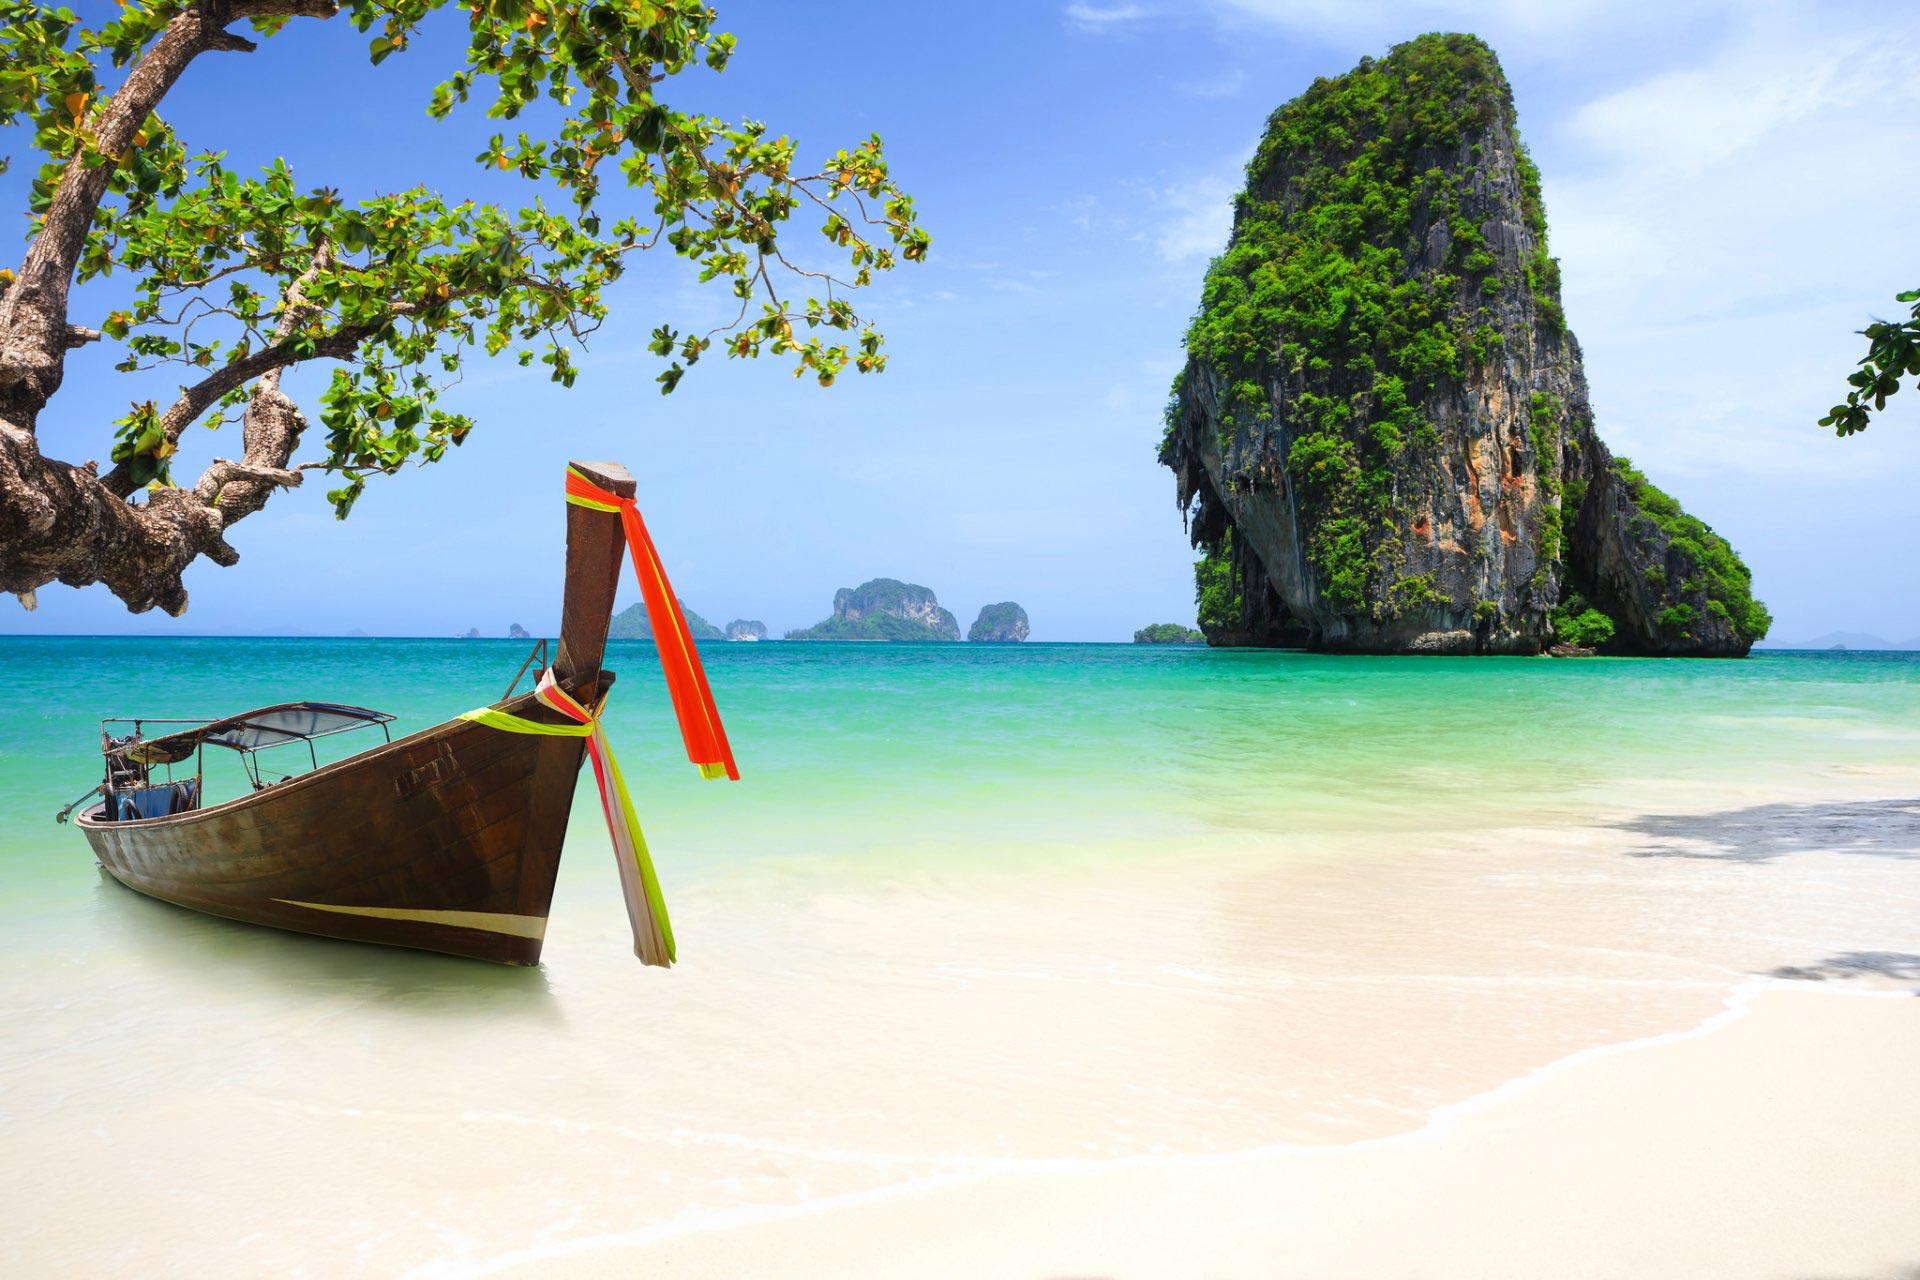 resort, province, region, Thailand, Тайланд, Таиланд, курорты, провинции, куда поехать, что посмотреть, нетуристические места